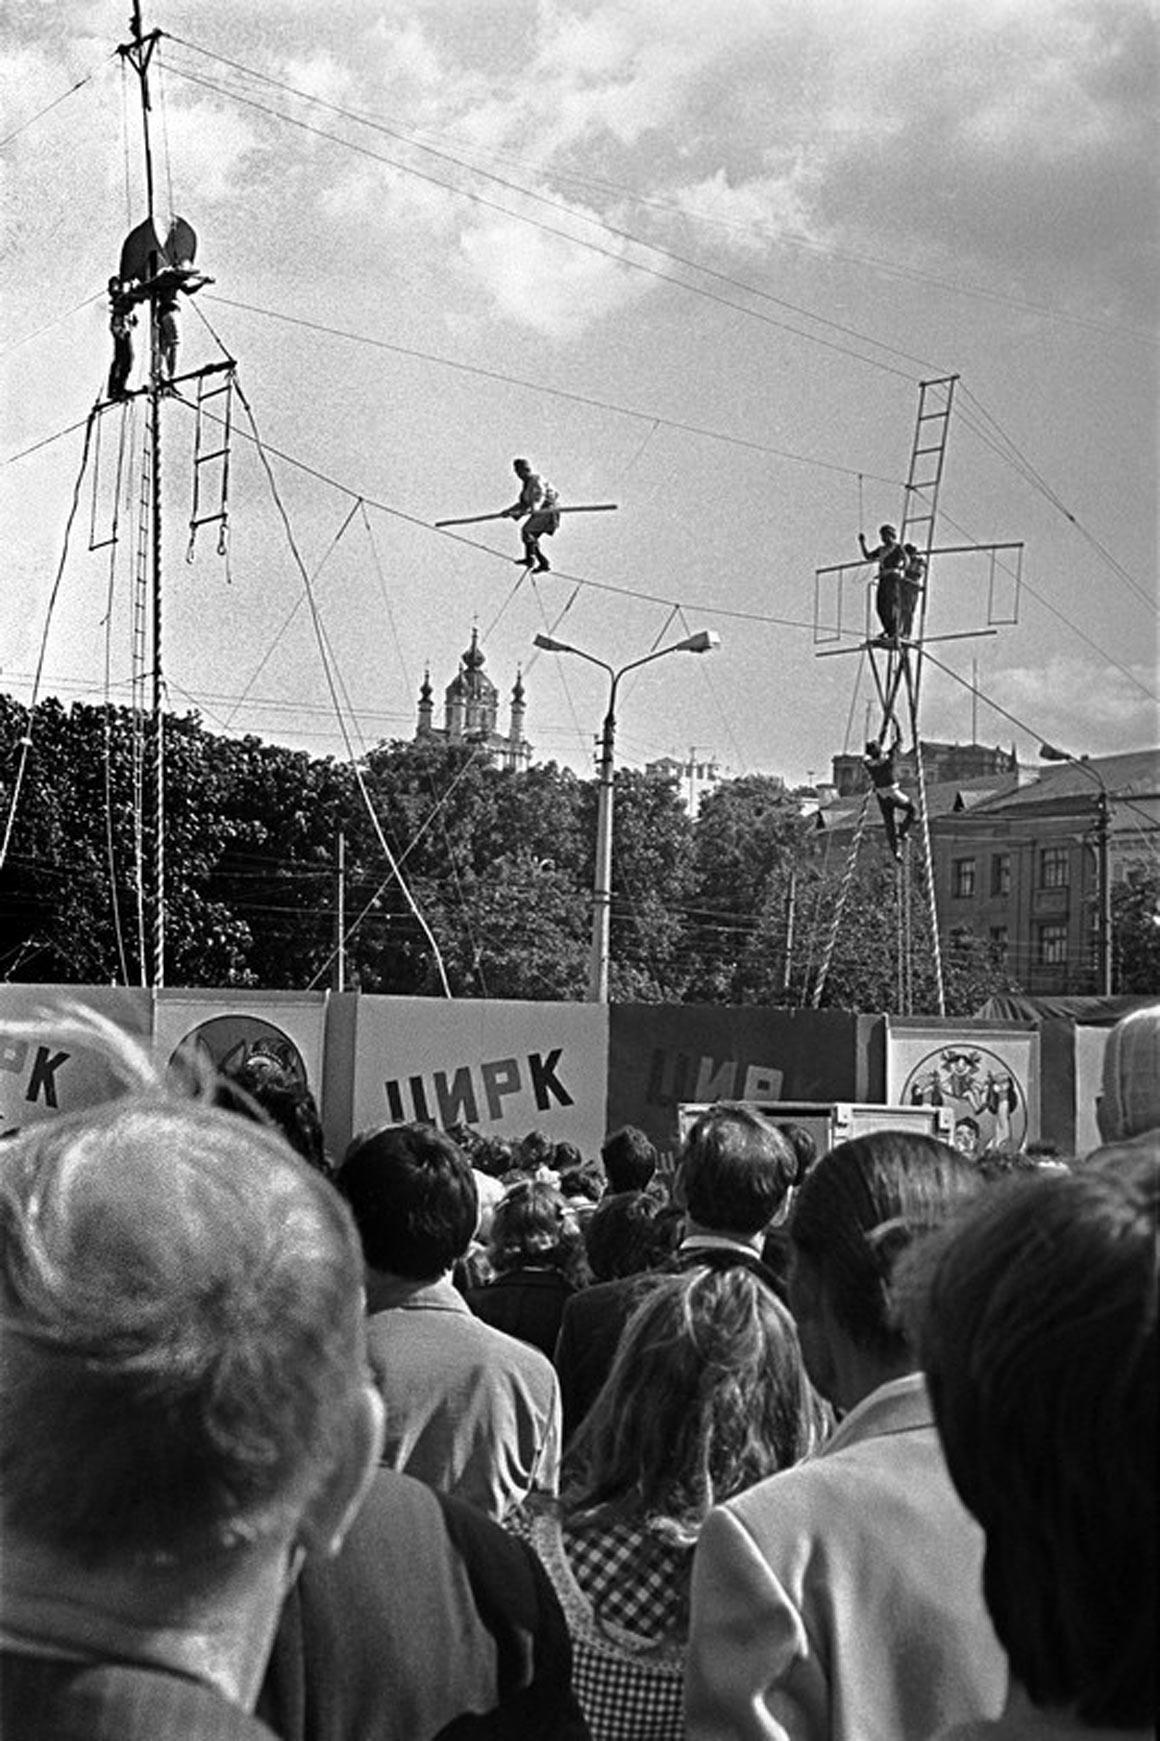 Наверное, 1979 год, Киев. Этот снимок ясделал наПодоле— назаднем плане видна Андреевская церковь. Втегоды иногда цирковые артисты выступали наулицах